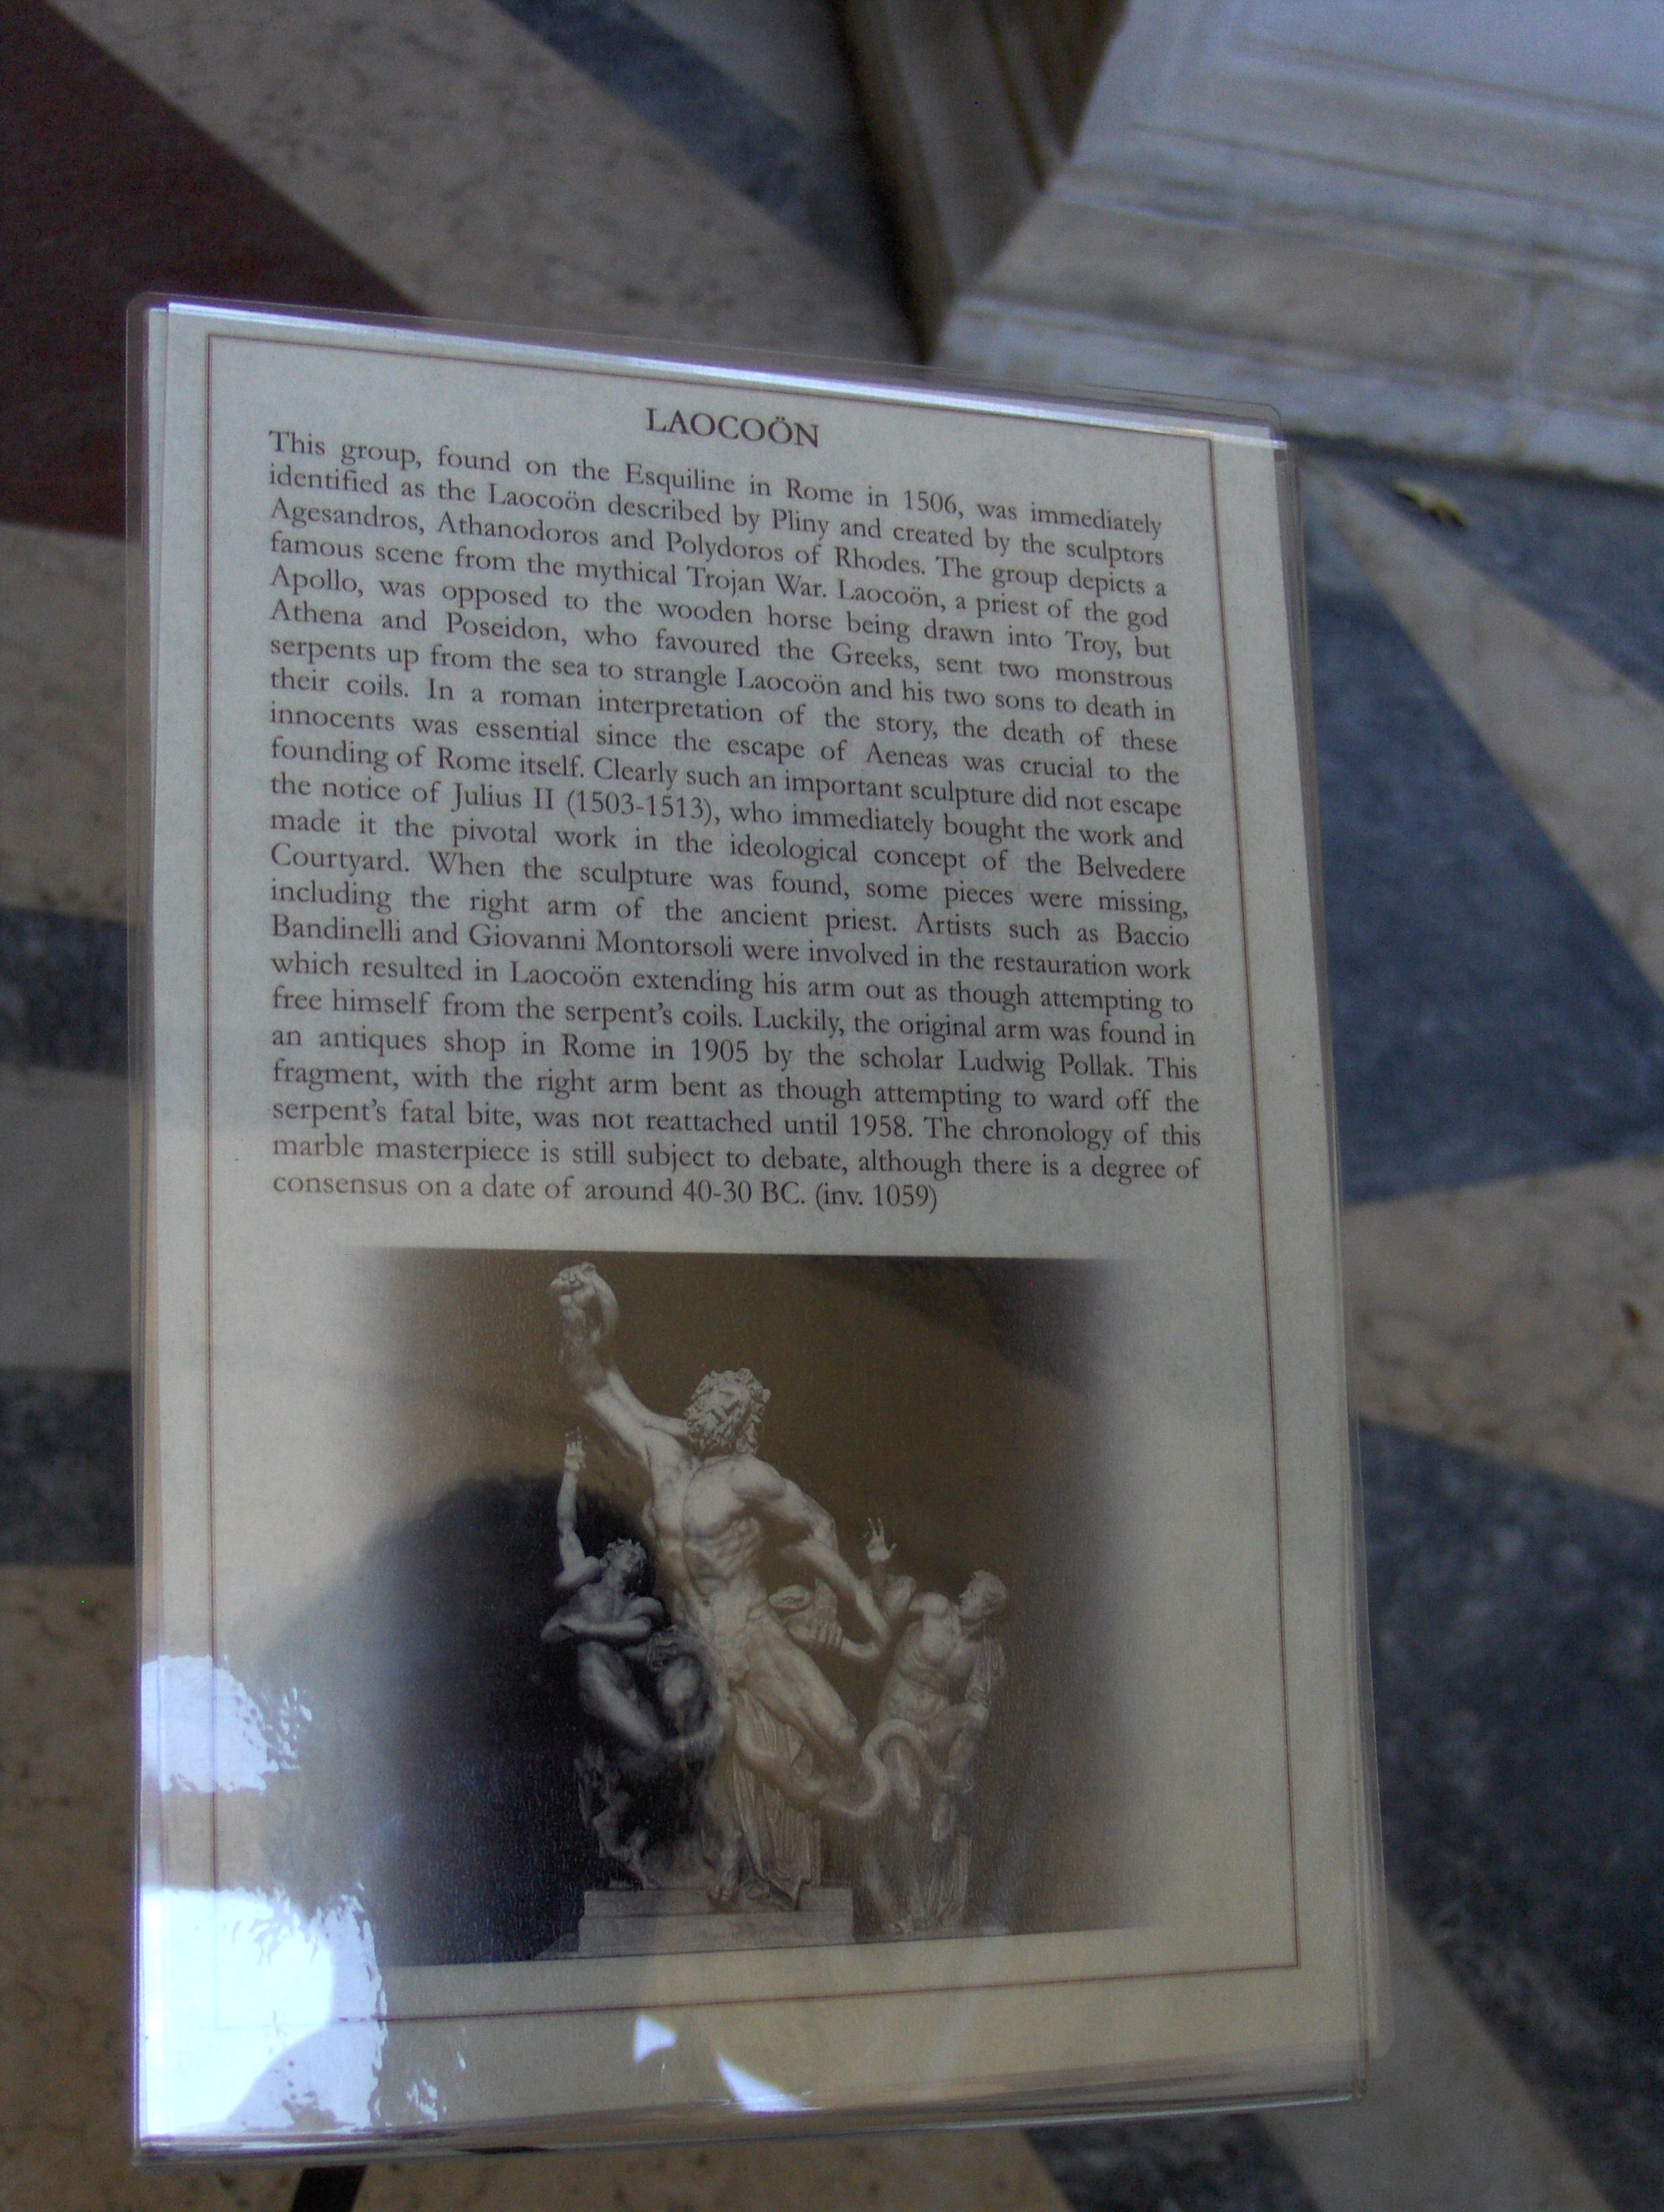 advent of the trojan war essay